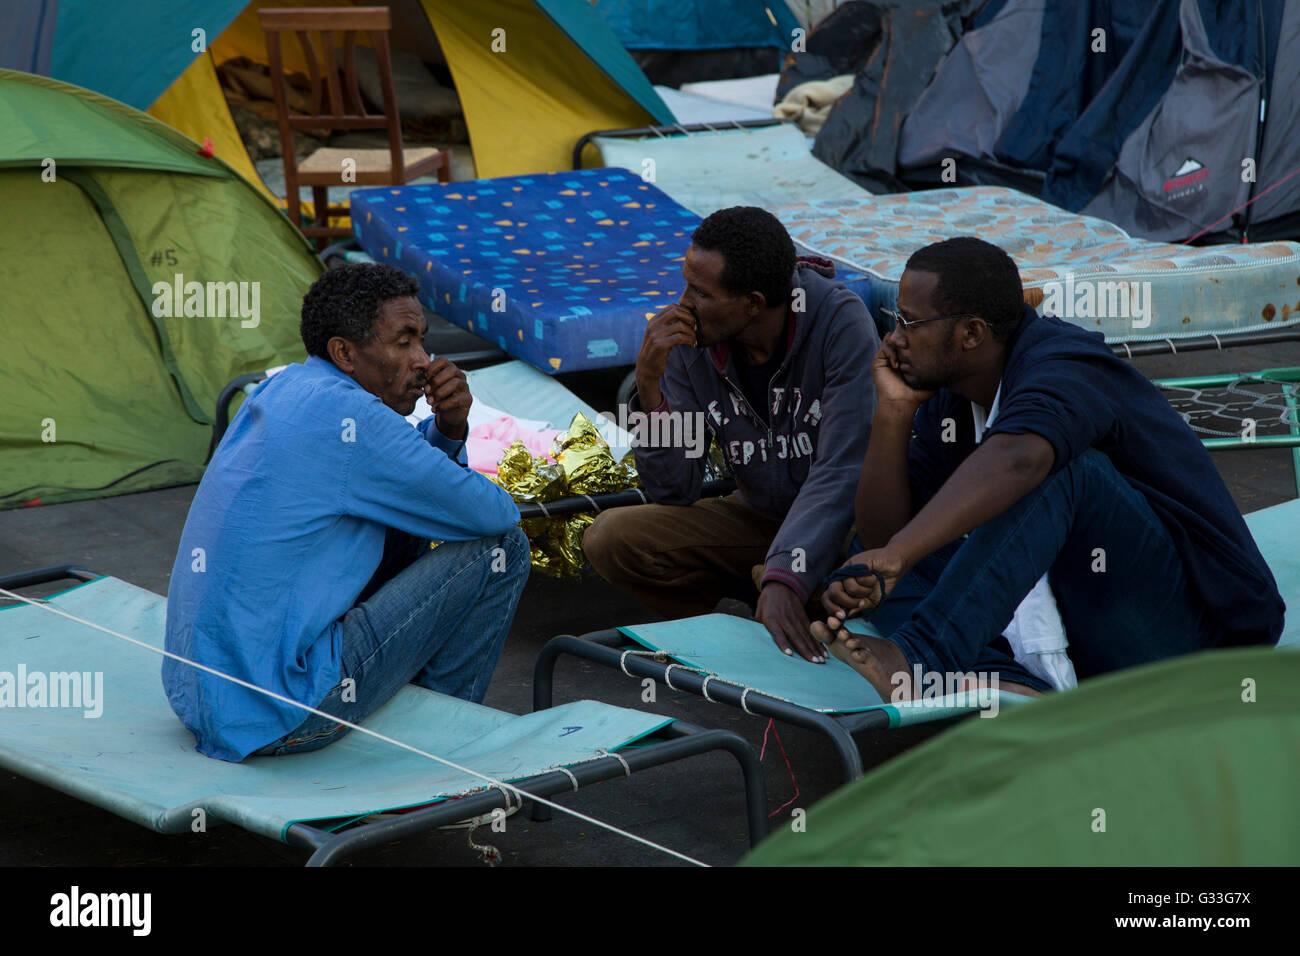 Hundreds of migrants, many from Ethiopia, Somalia and Eritrea Stock